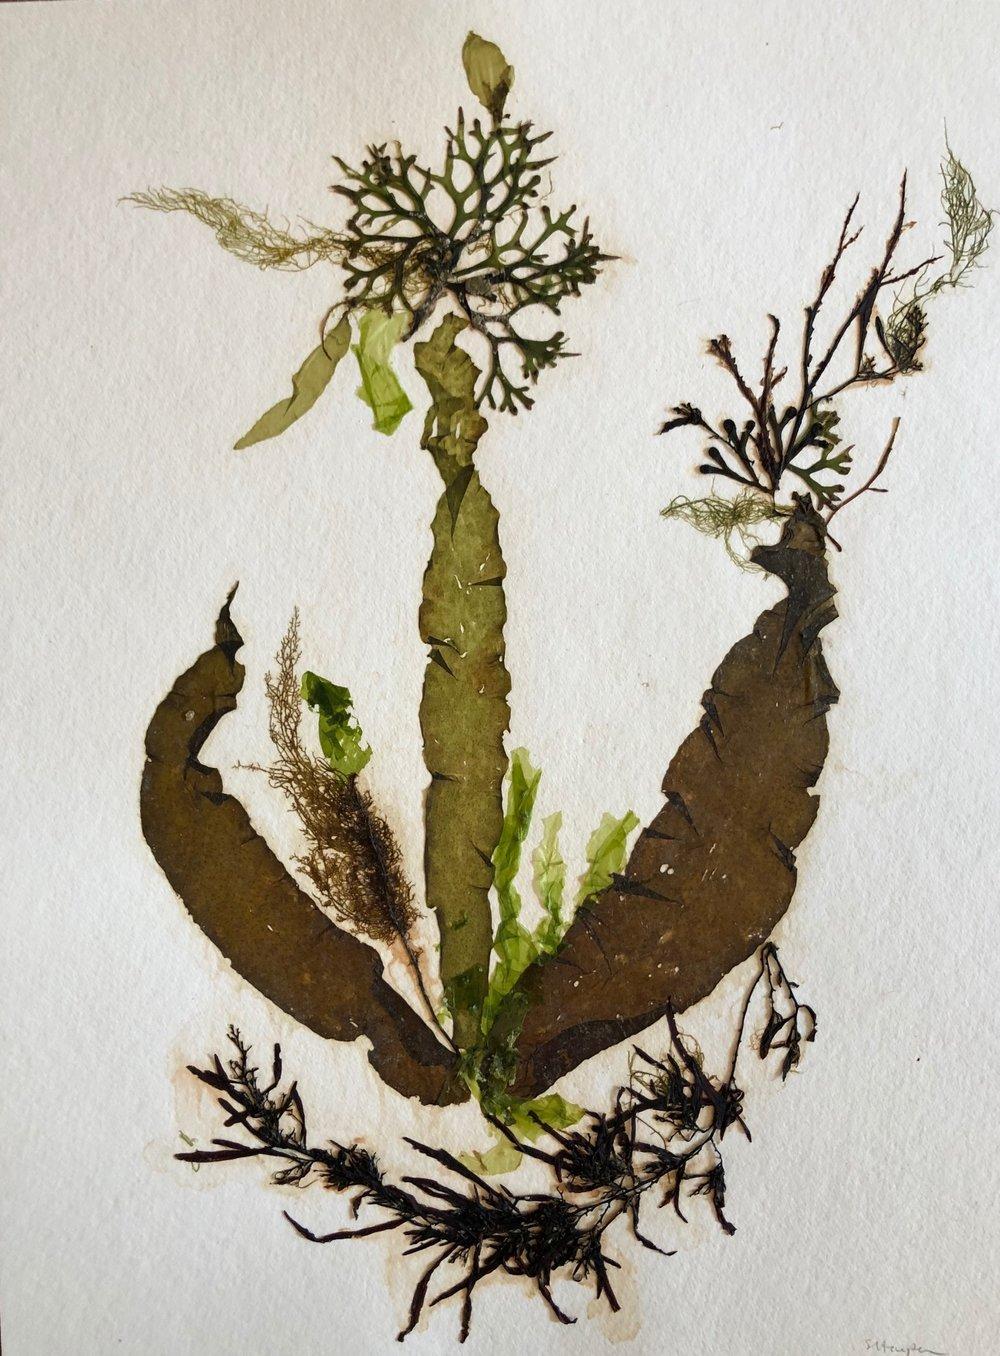 Seaweed 5/13, 11x14